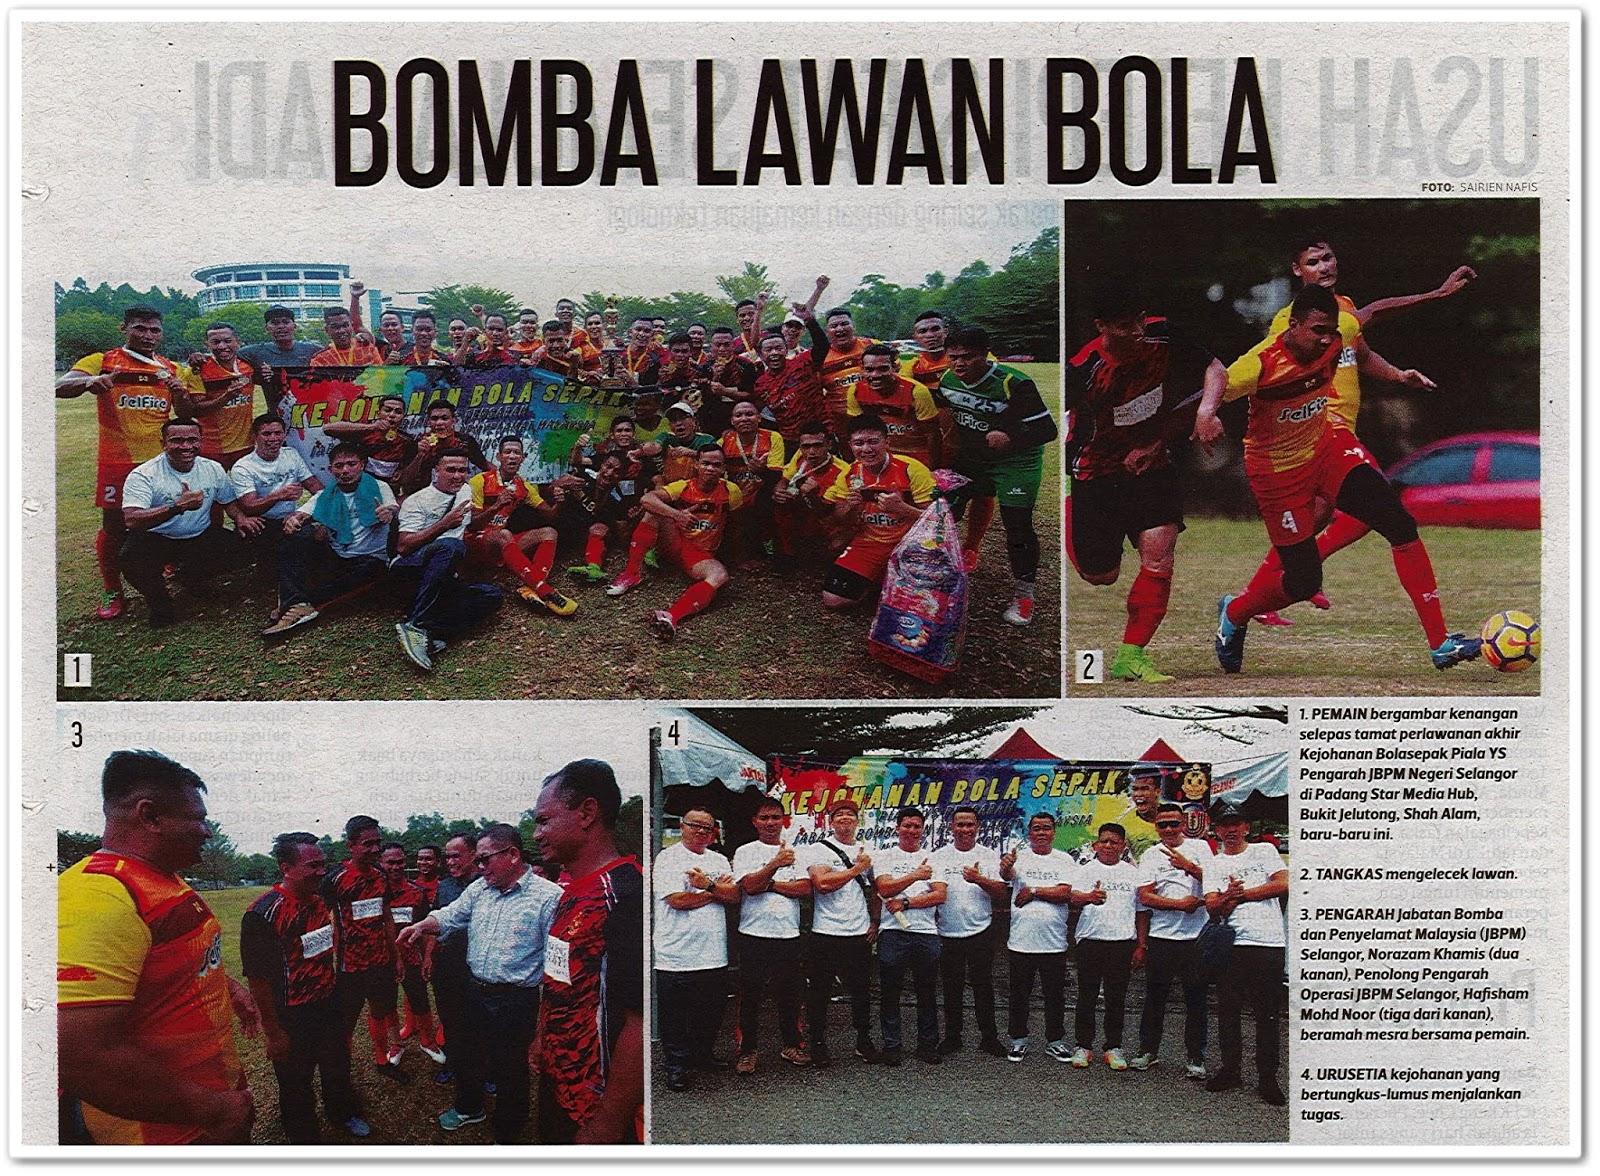 Lensa kamera ; Bomba lawan bola - Keratan akhbar Harian Metro 9 Oktober 2019